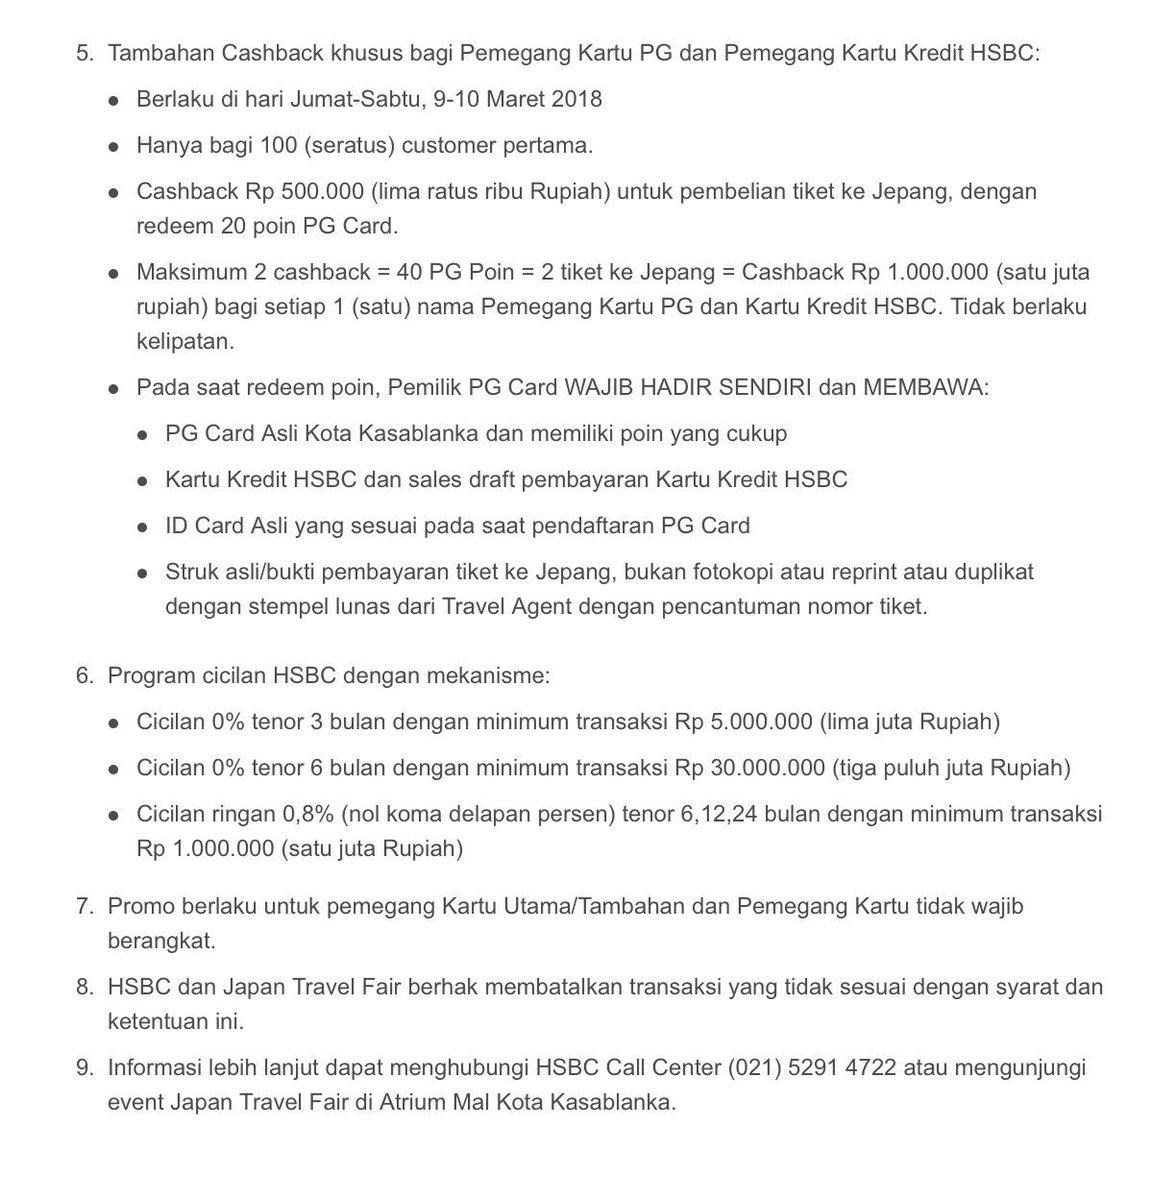 Mcdonalds Voucher Rp 500 000 Daftar Harga Terkini Dan Terlengkap Carrefour Pecahan Jual Terbaru Source Kota Kasablanka And Hsbc